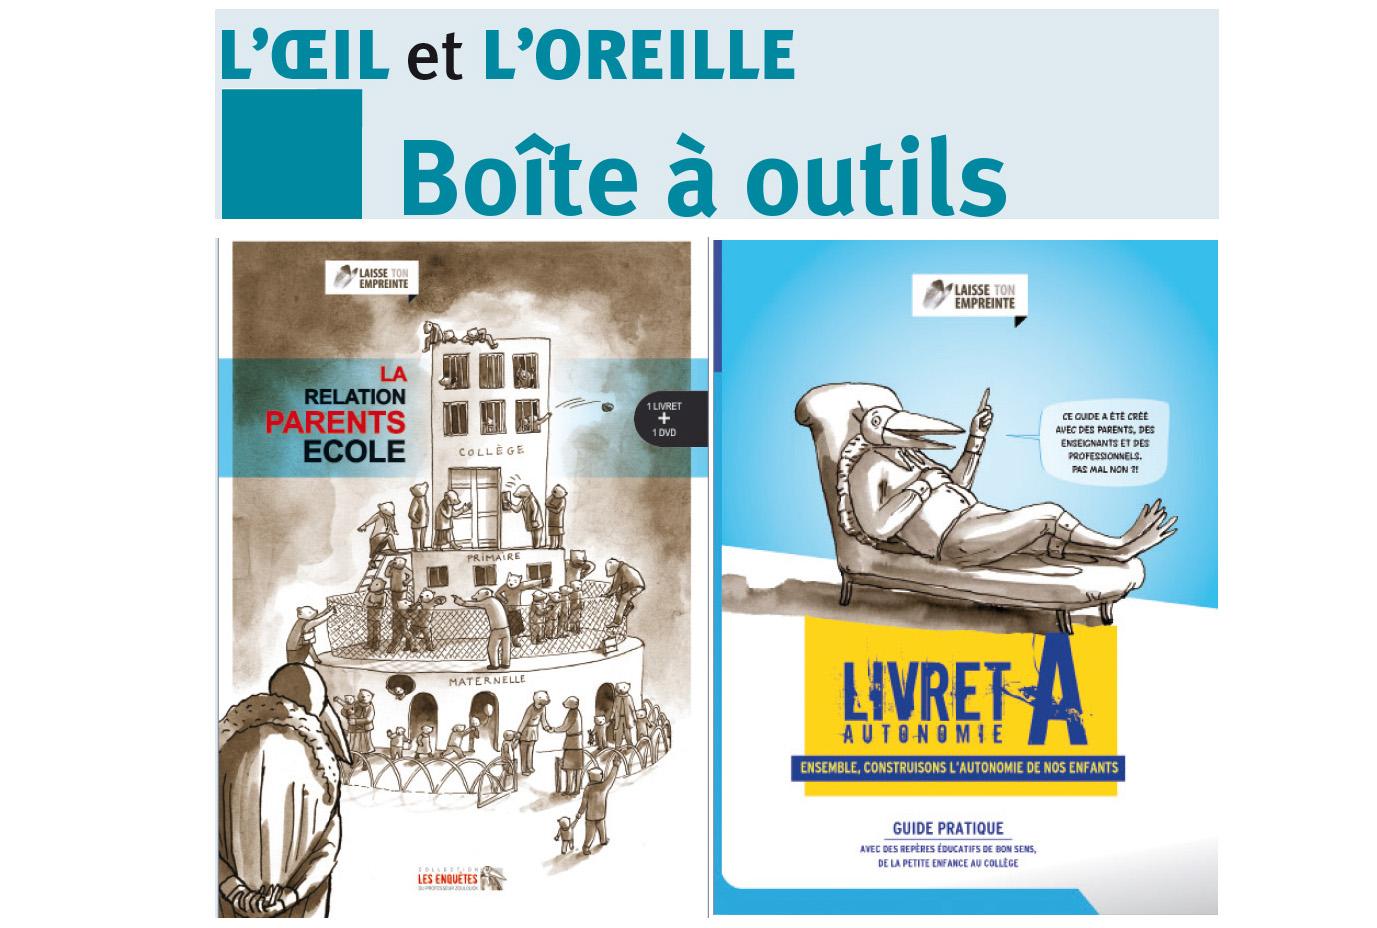 0 Le Livret A-Autonomie # Lien social n°1168 03Sept2015